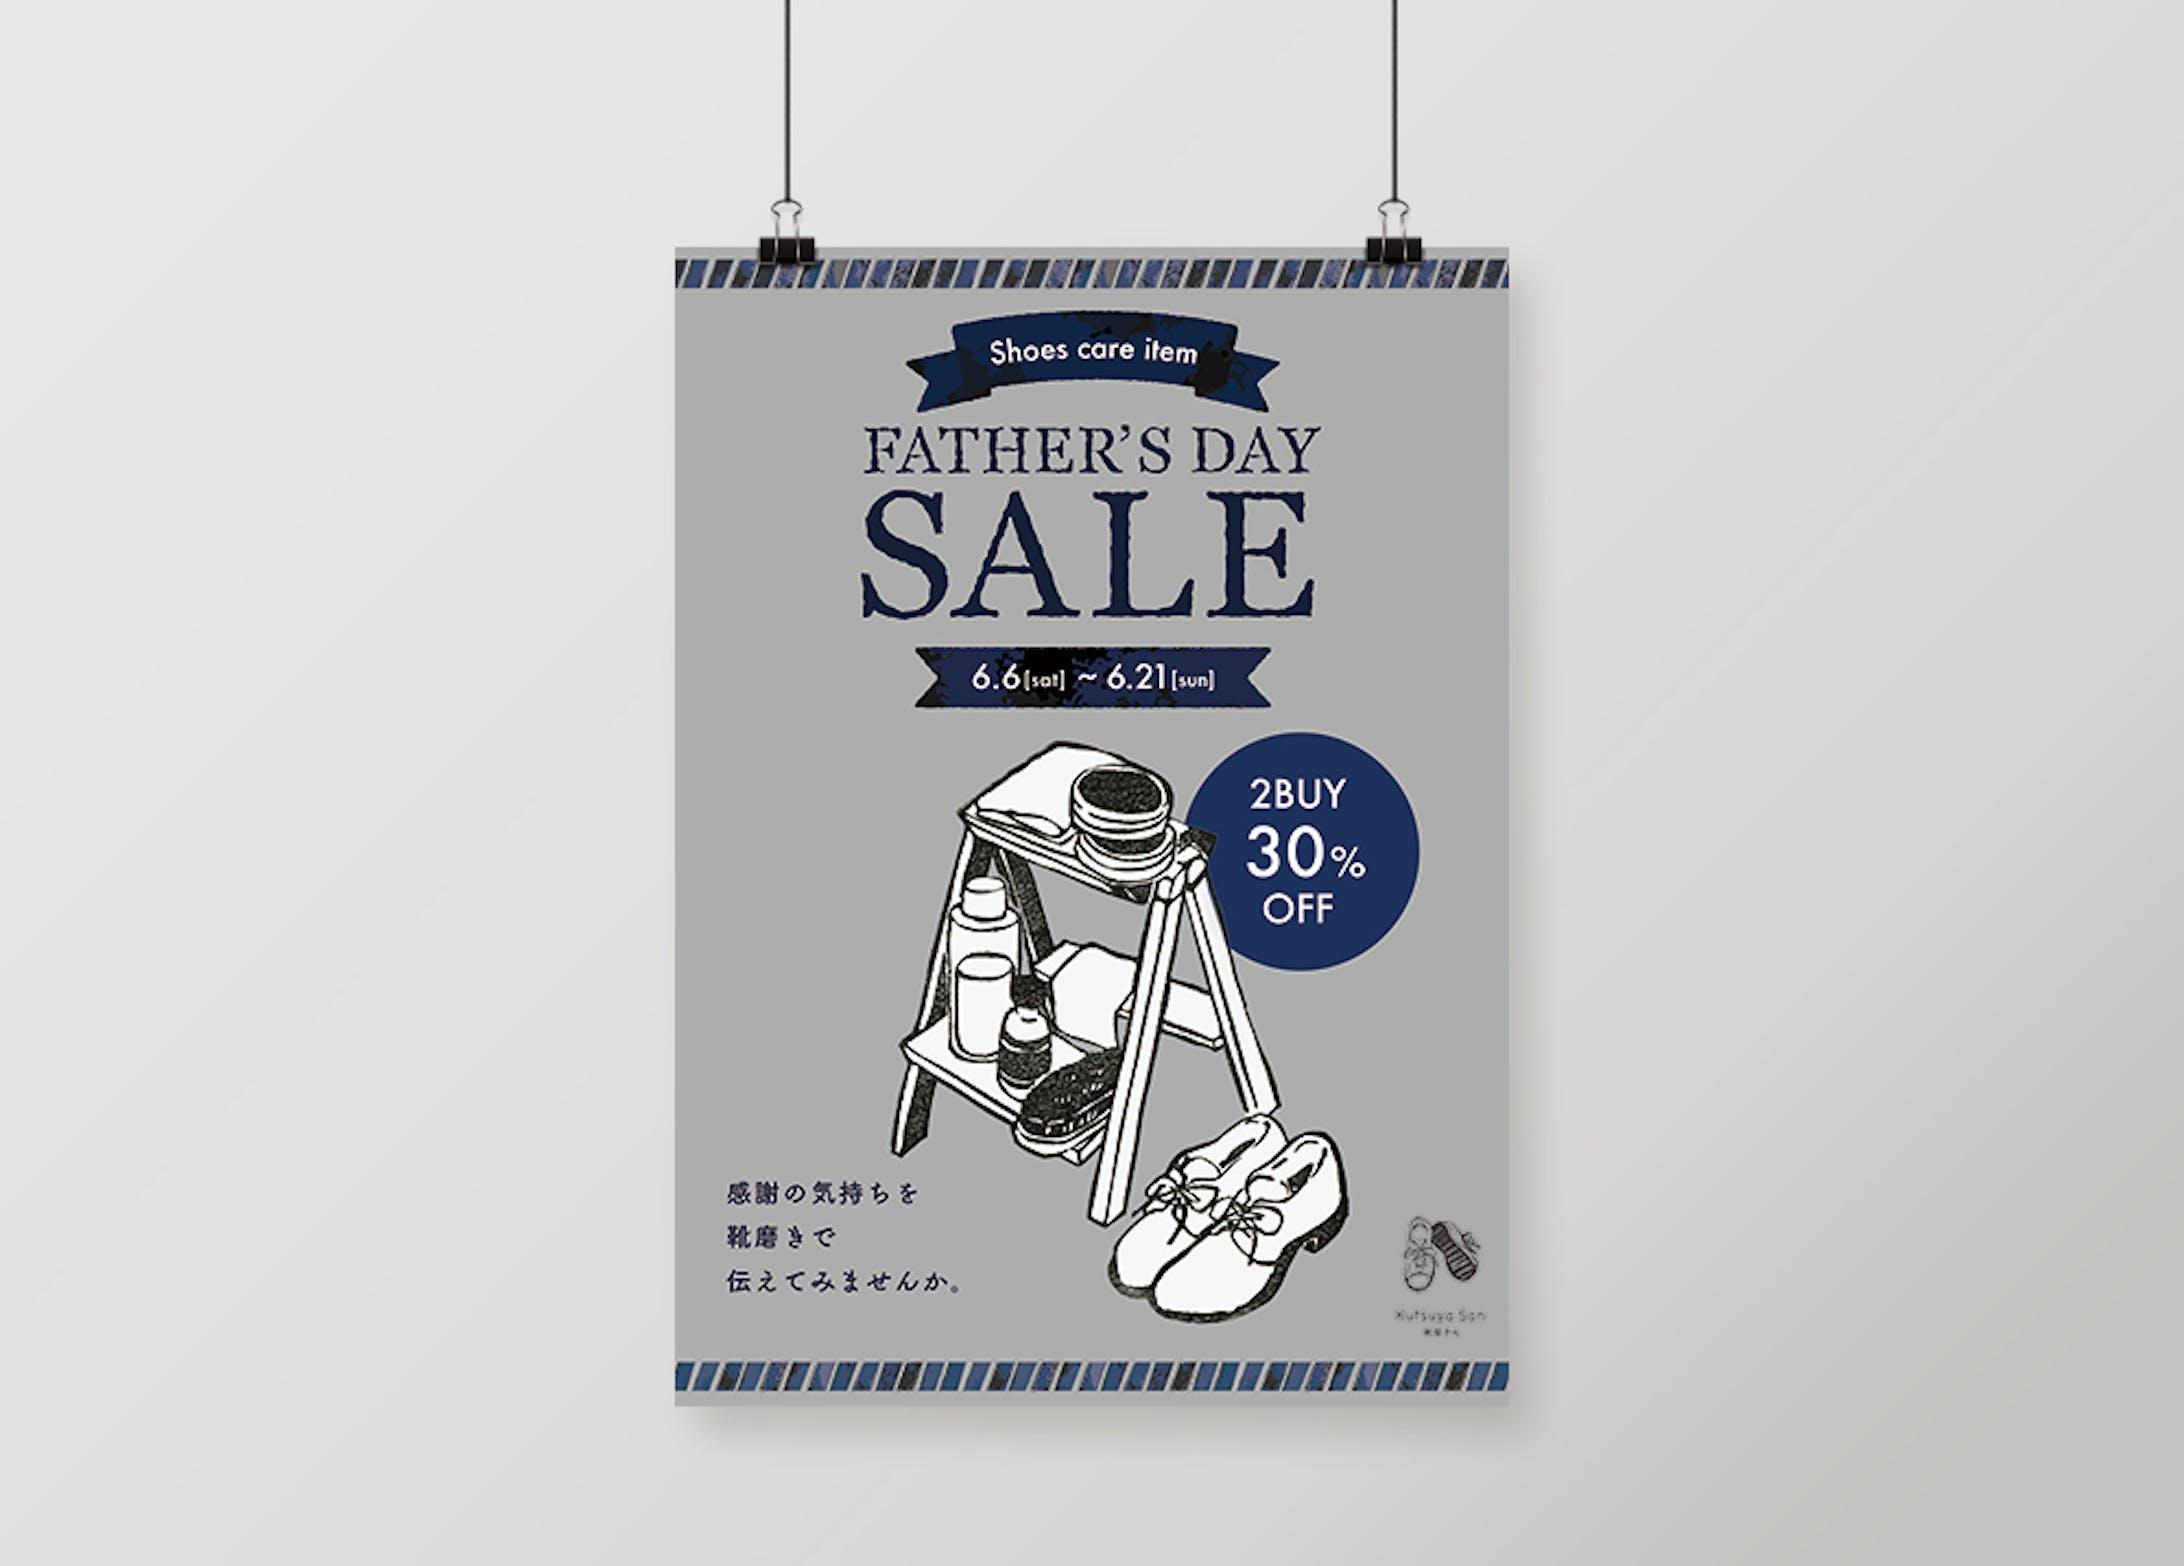 【デザイン/イラスト】父の日フェア告知ポスター&ラッピングペーパー-1